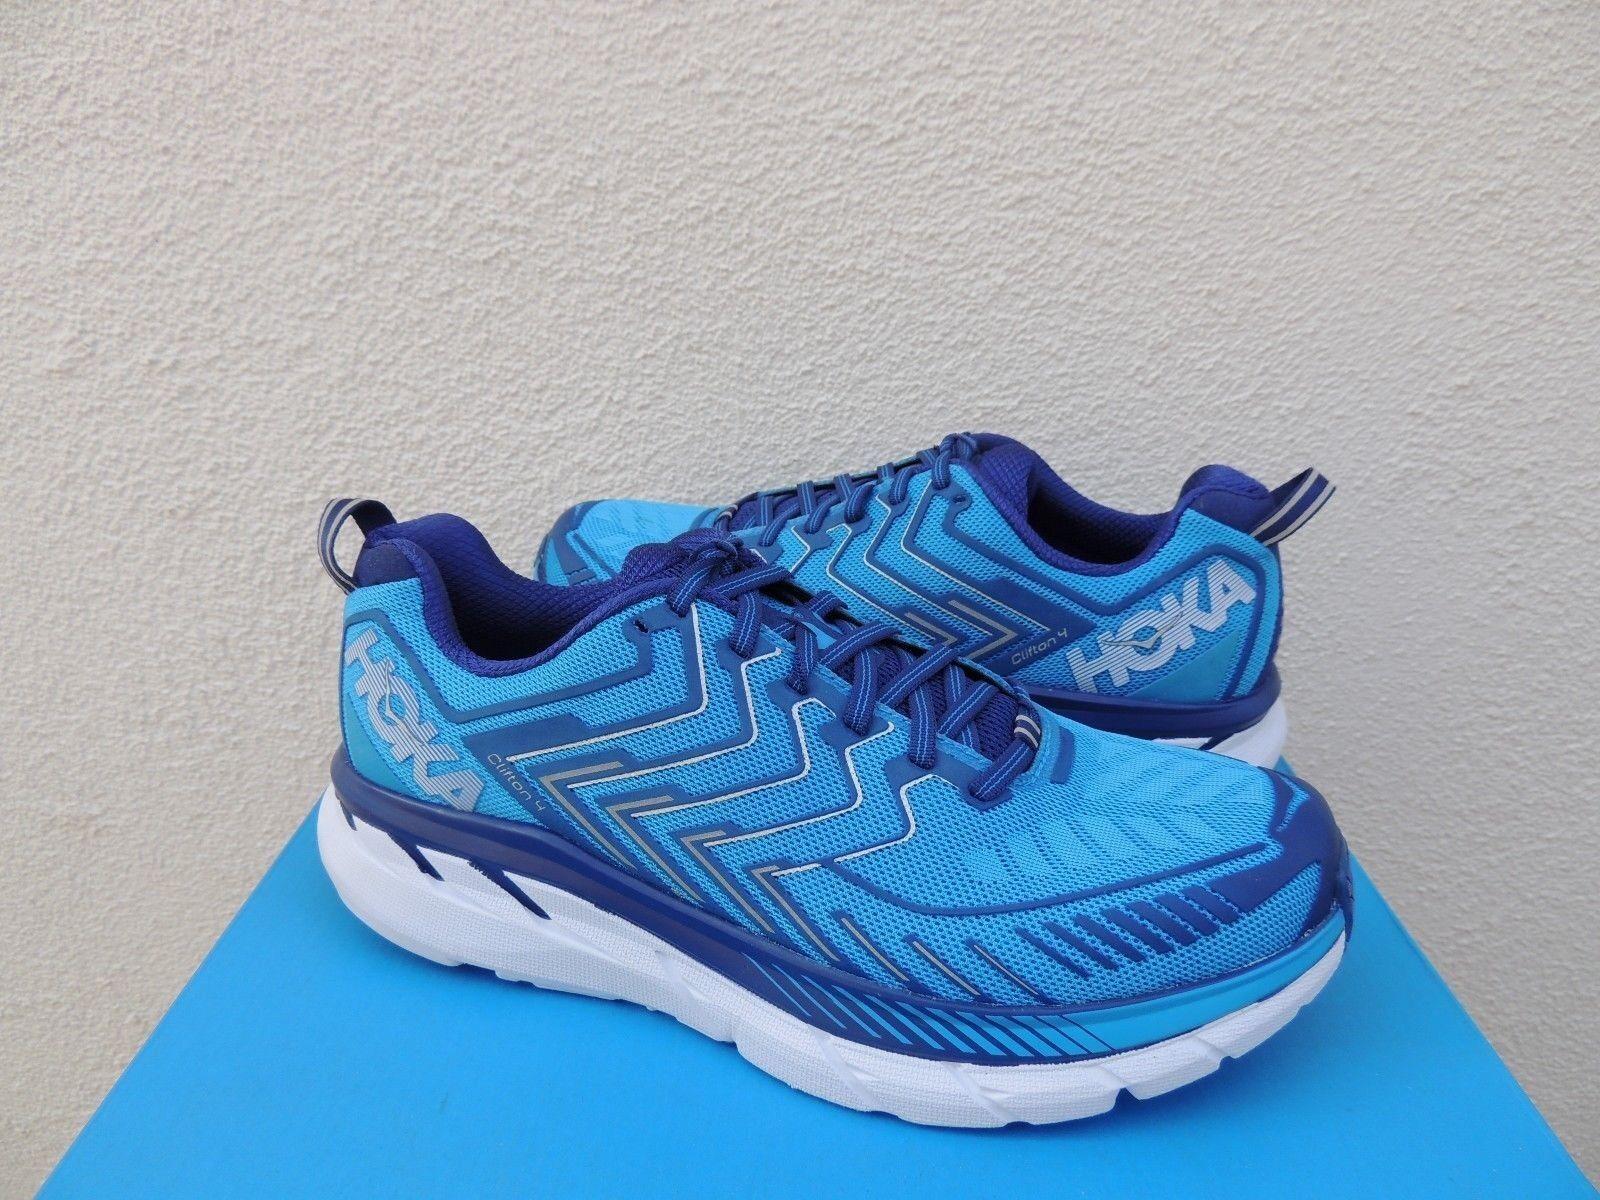 53406efe Hoka One One CLIFTON 4 Diva Azul Verdadero Zapatos correr, EE. UU. 8.5 42  euros Nuevo En Caja para Hombres ntekii1126-Zapatillas deportivas